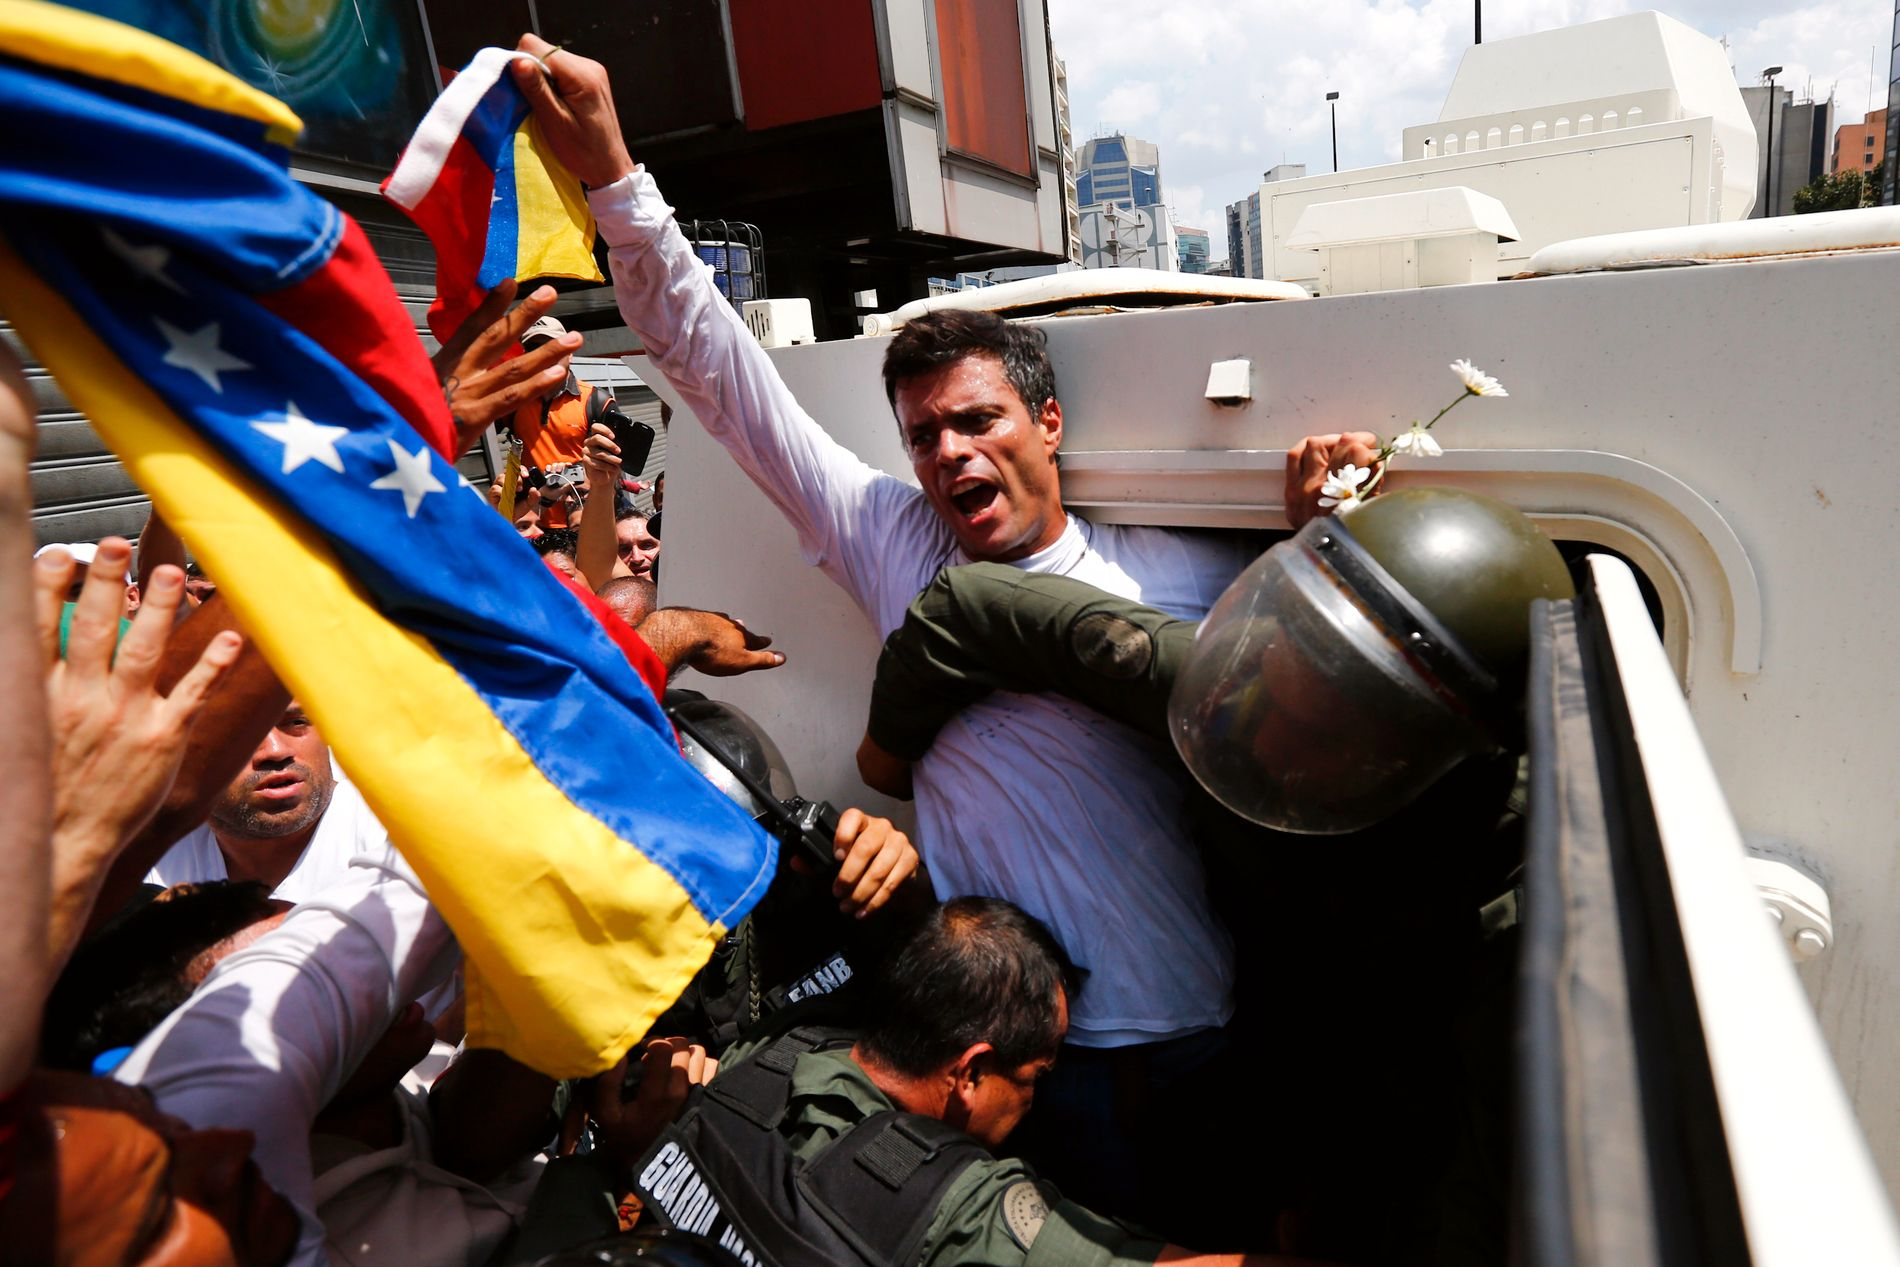 SITTER FENGSLET: – Leopoldo López er omstridt både i og utenfor Venezuela. Analysen han nesten sto alene om derimot, var helt korrekt: opposisjonen kjempet mot et diktatur, skriver kronikkforfatteren. Bildet: Her blir opposisjonslederen Leopoldo López fengslet i 2014. Tre år etter, sitter han fortsatt fengslet.